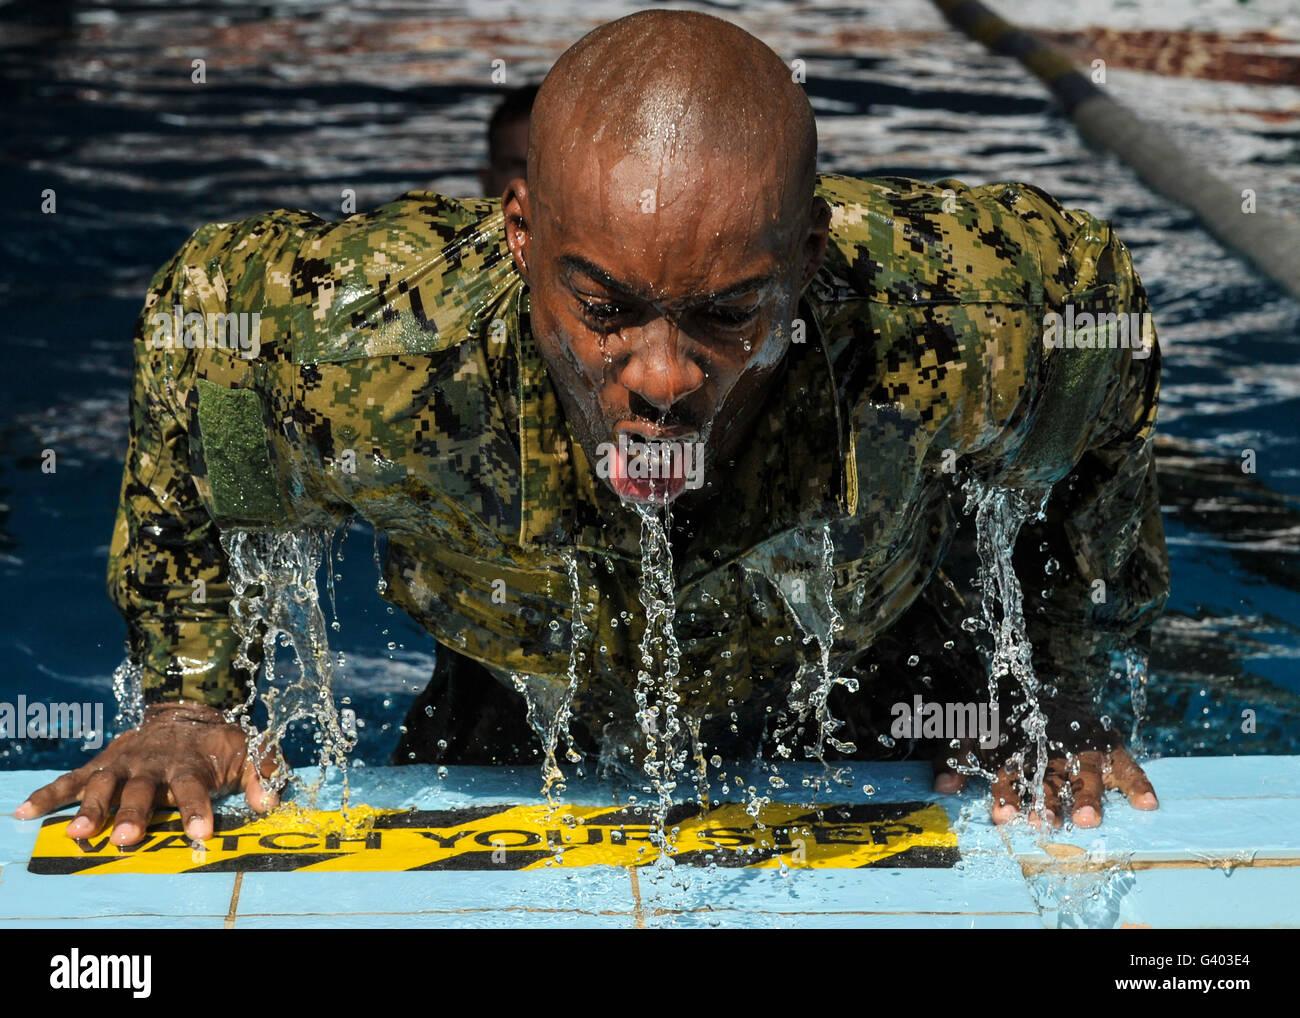 Soldat de la marine lui-même pousse hors de la piscine lors d'une course relais de nager. Banque D'Images